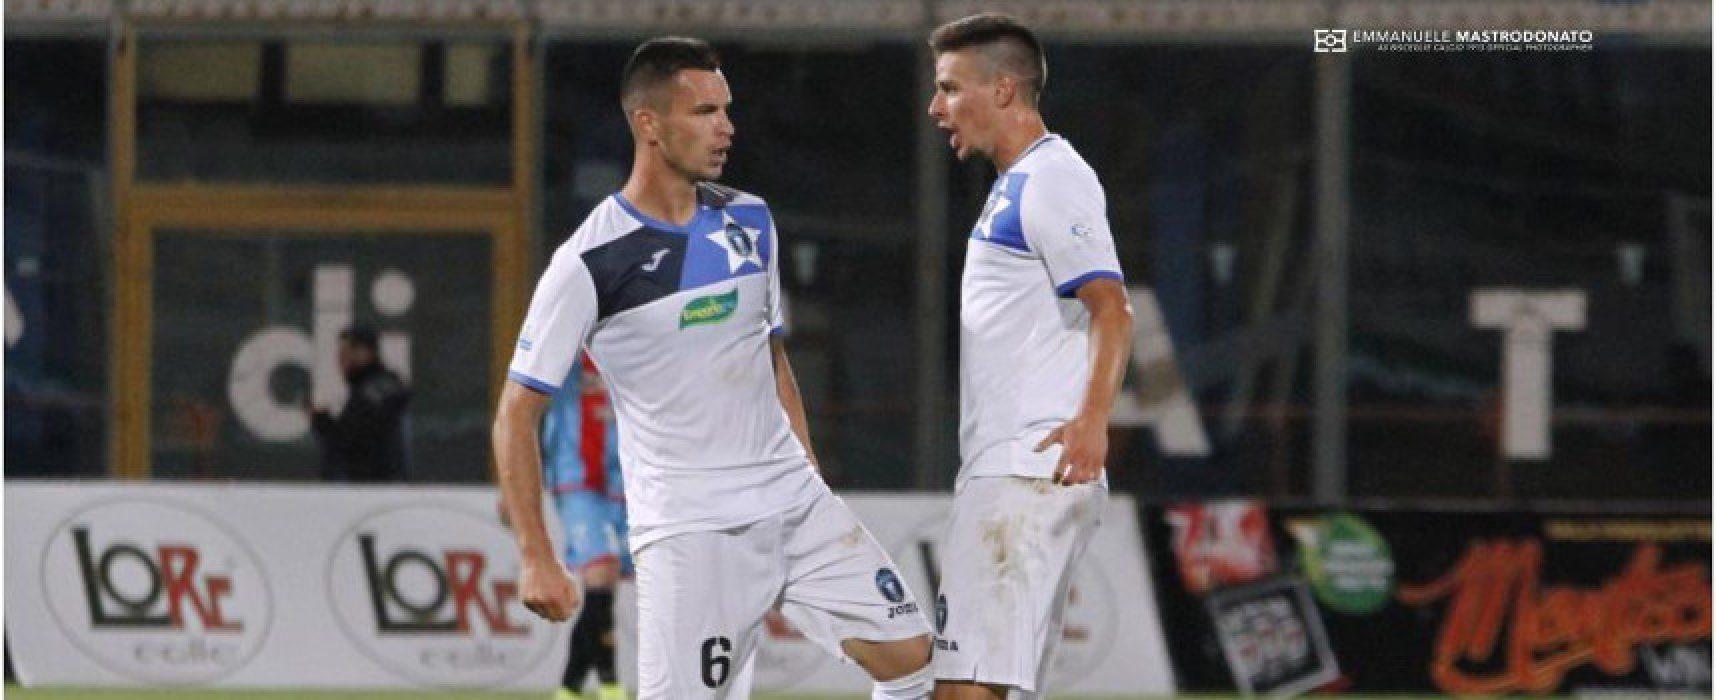 """Bisceglie calcio, al """"Gustavo Ventura"""" arriva il Catania di Cristiano Lucarelli"""